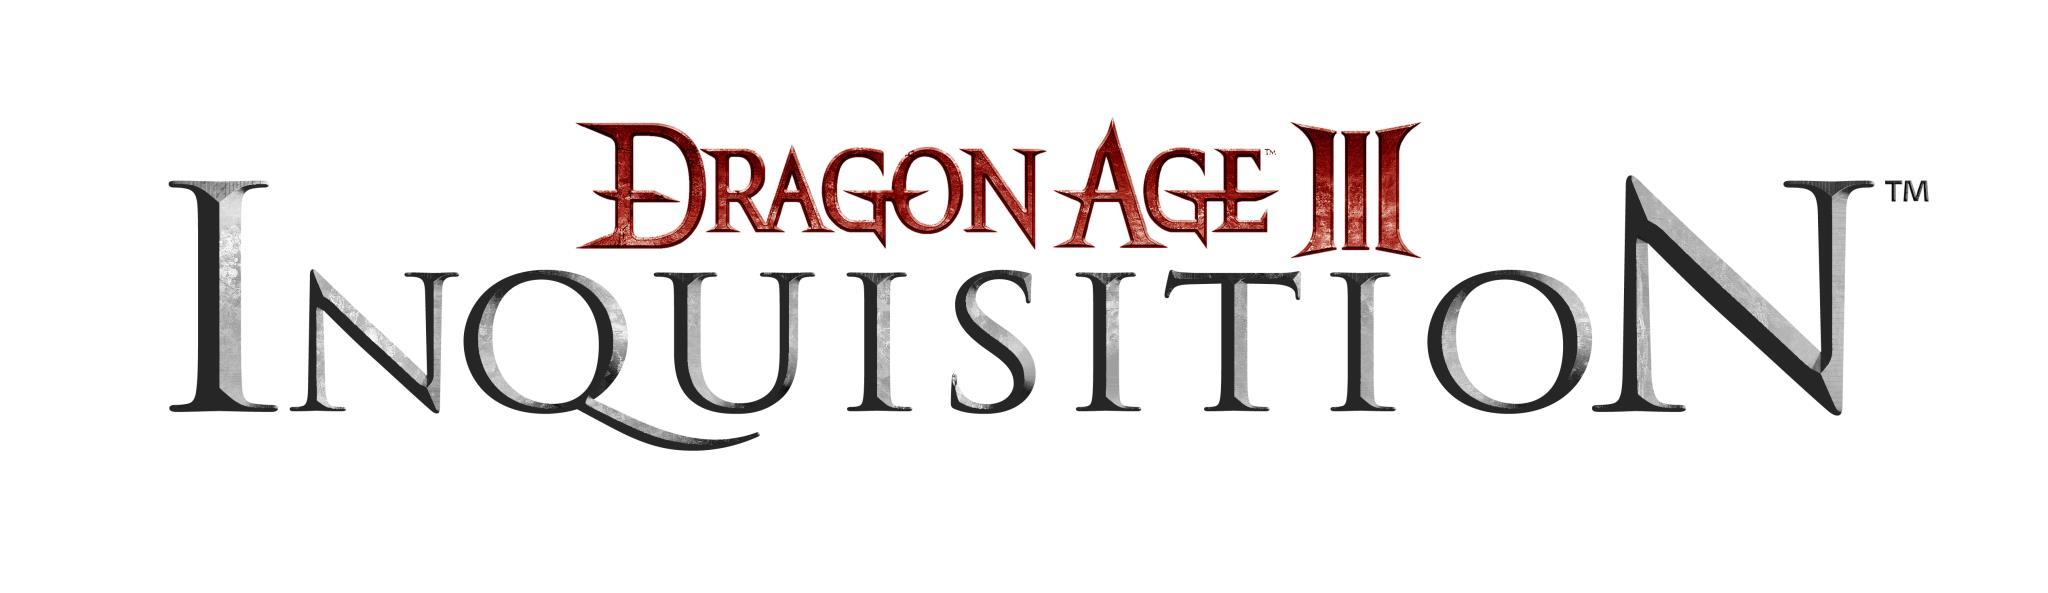 Bioware в прямом эфире показывает Dragon Age: Inquisition  - Изображение 1